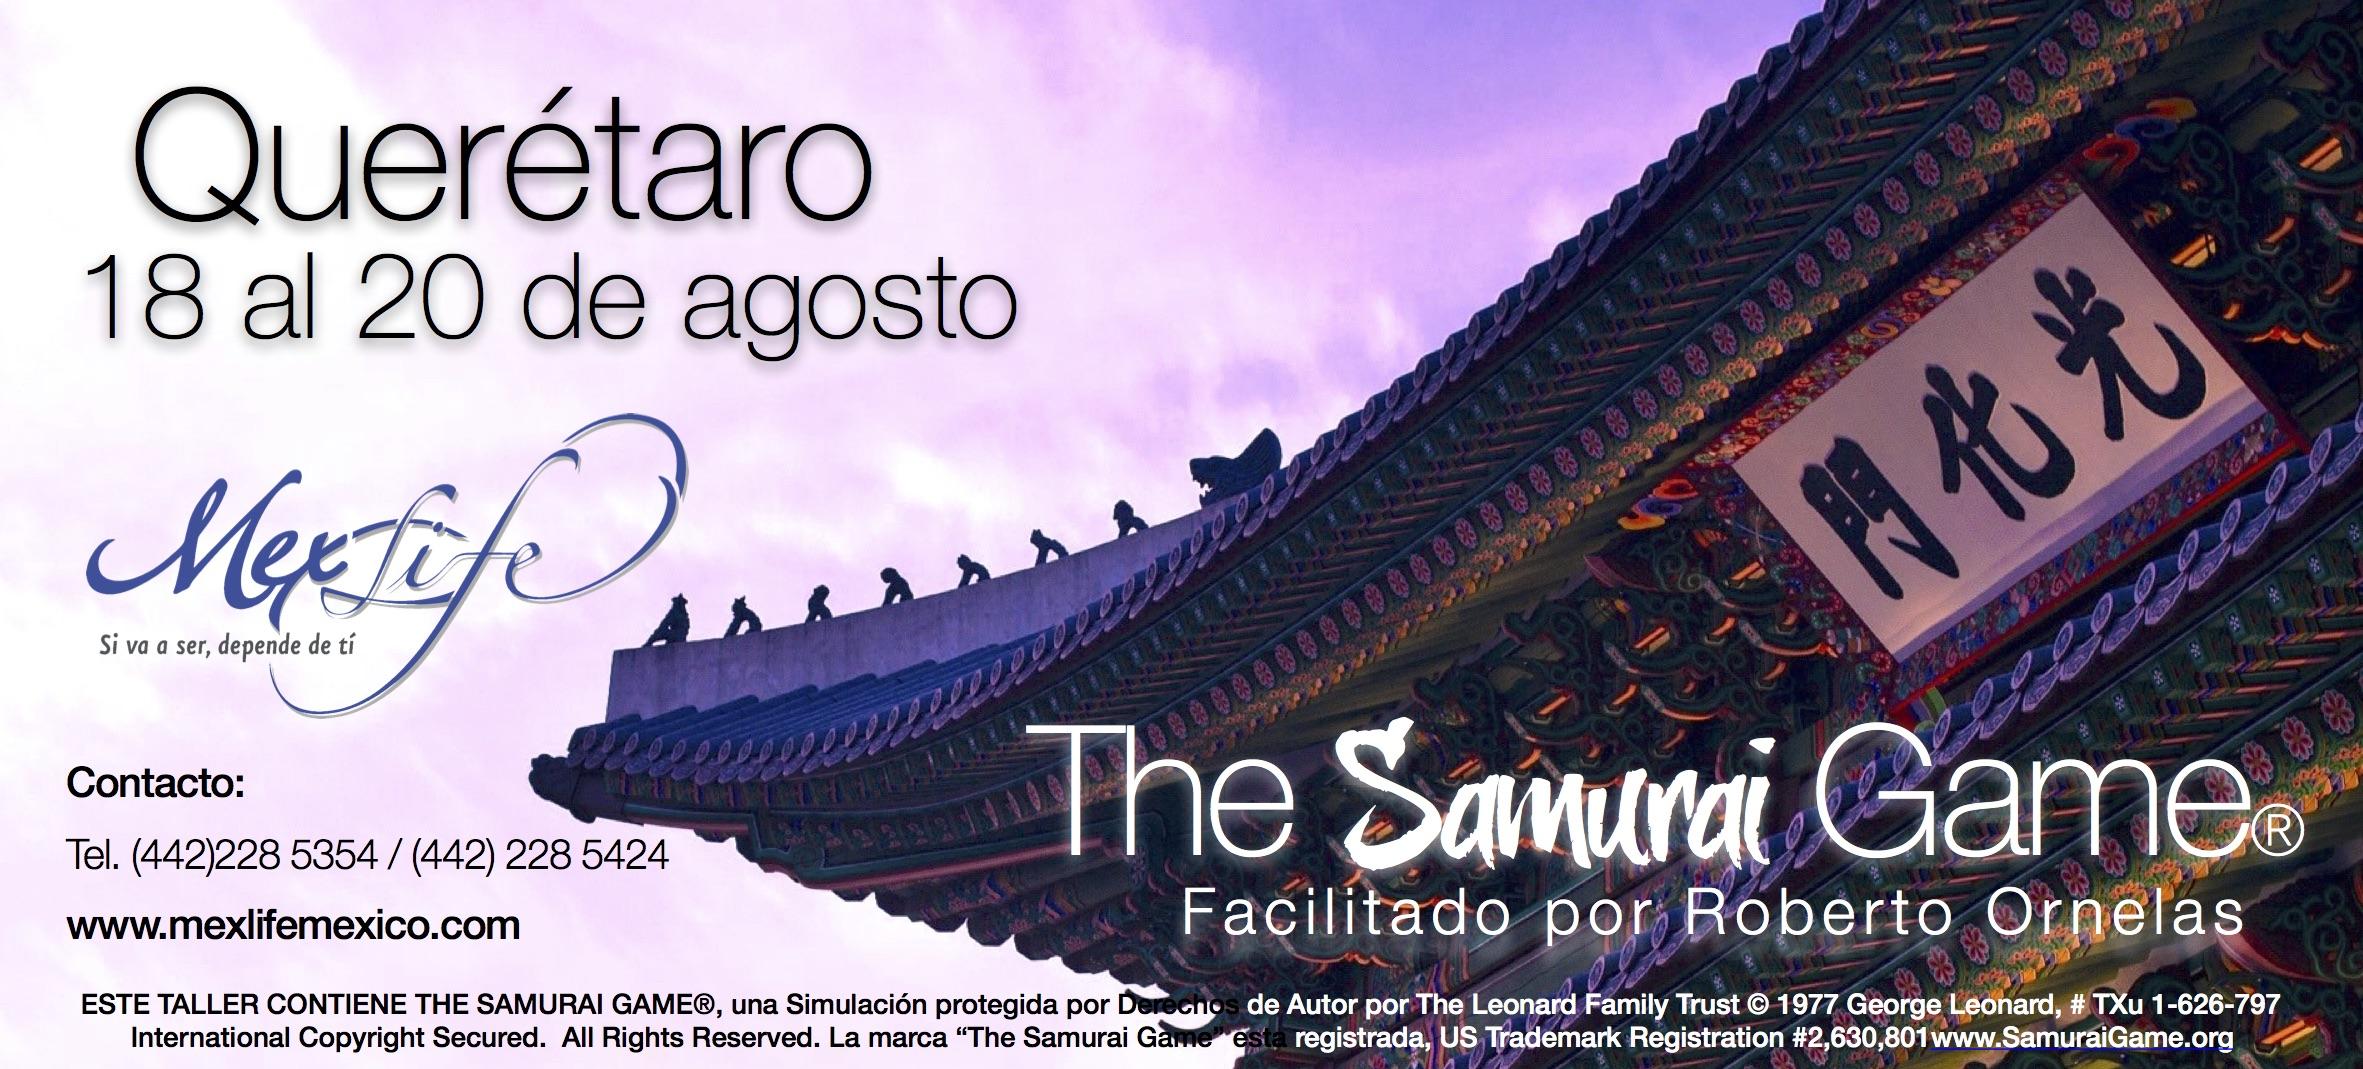 The Samurai Game® Querétaro